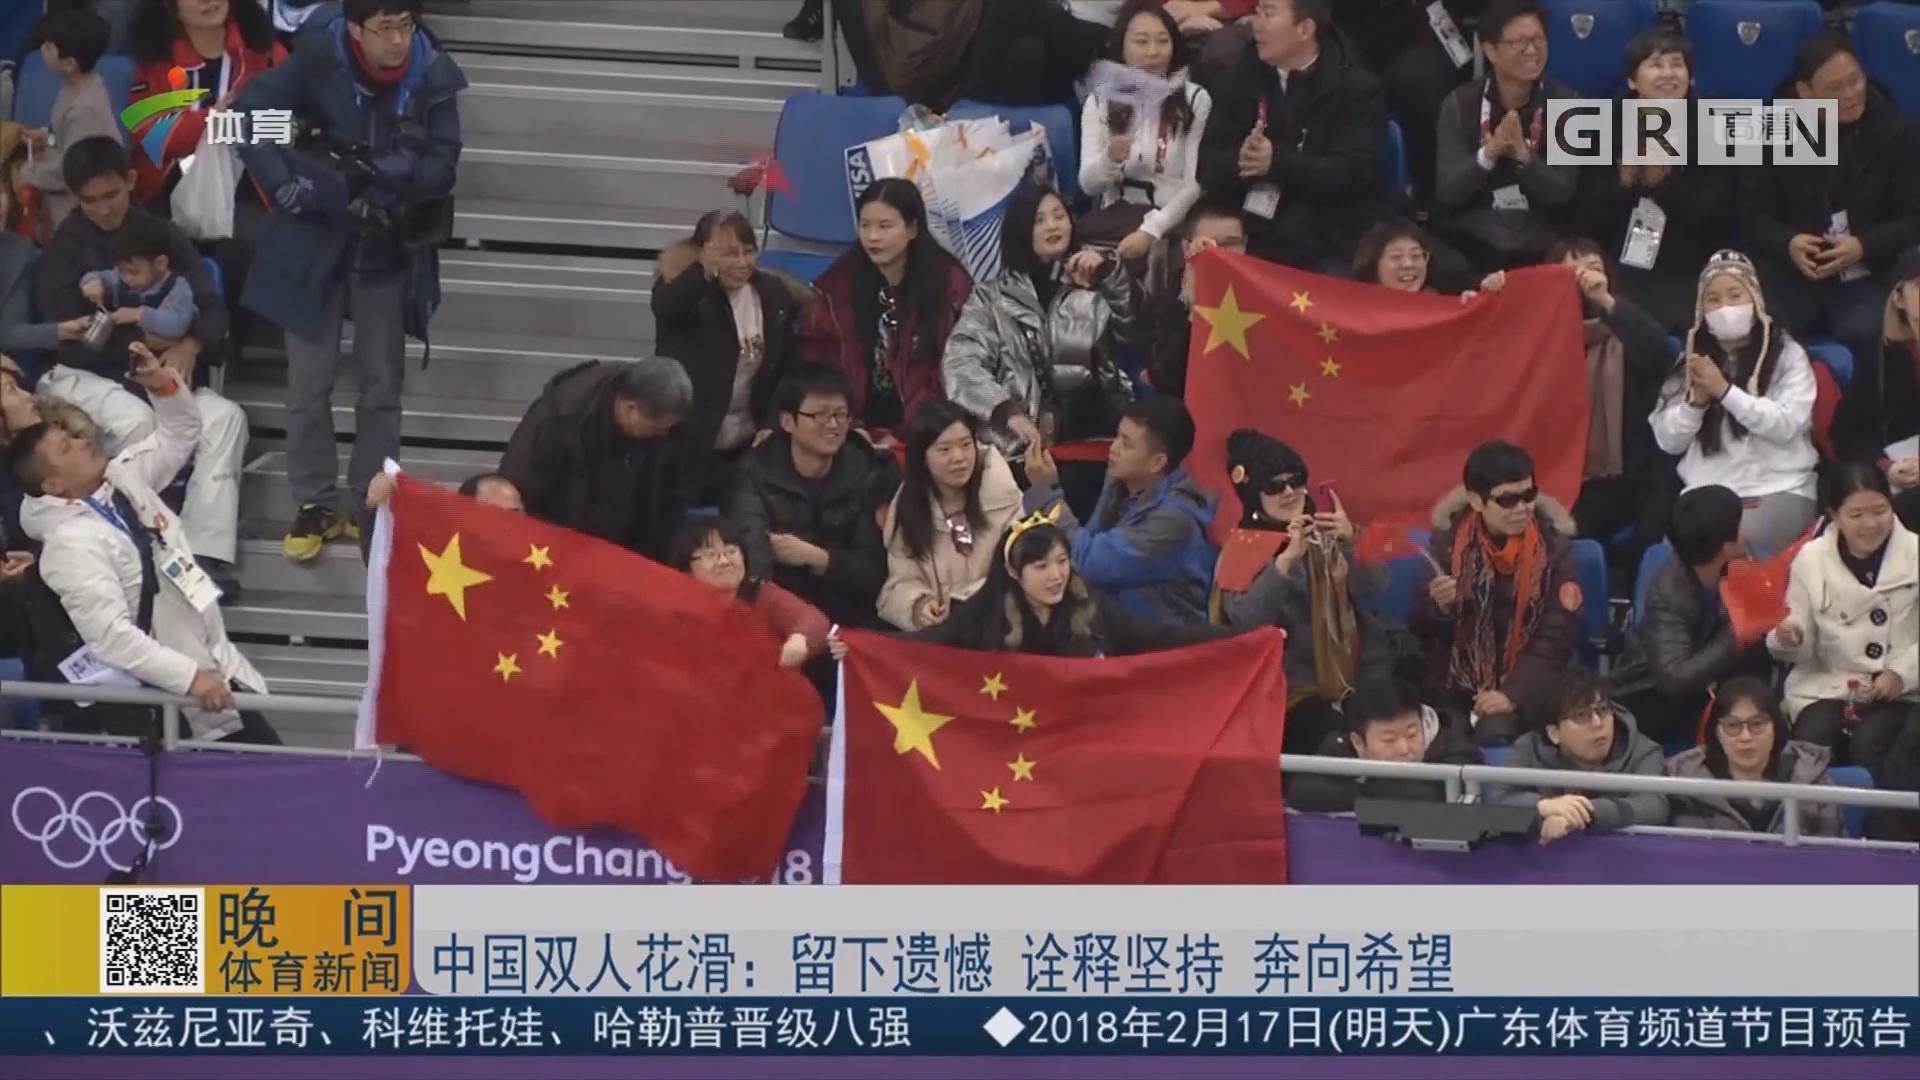 中国双人花滑:留下遗憾 诠释坚持 奔向希望